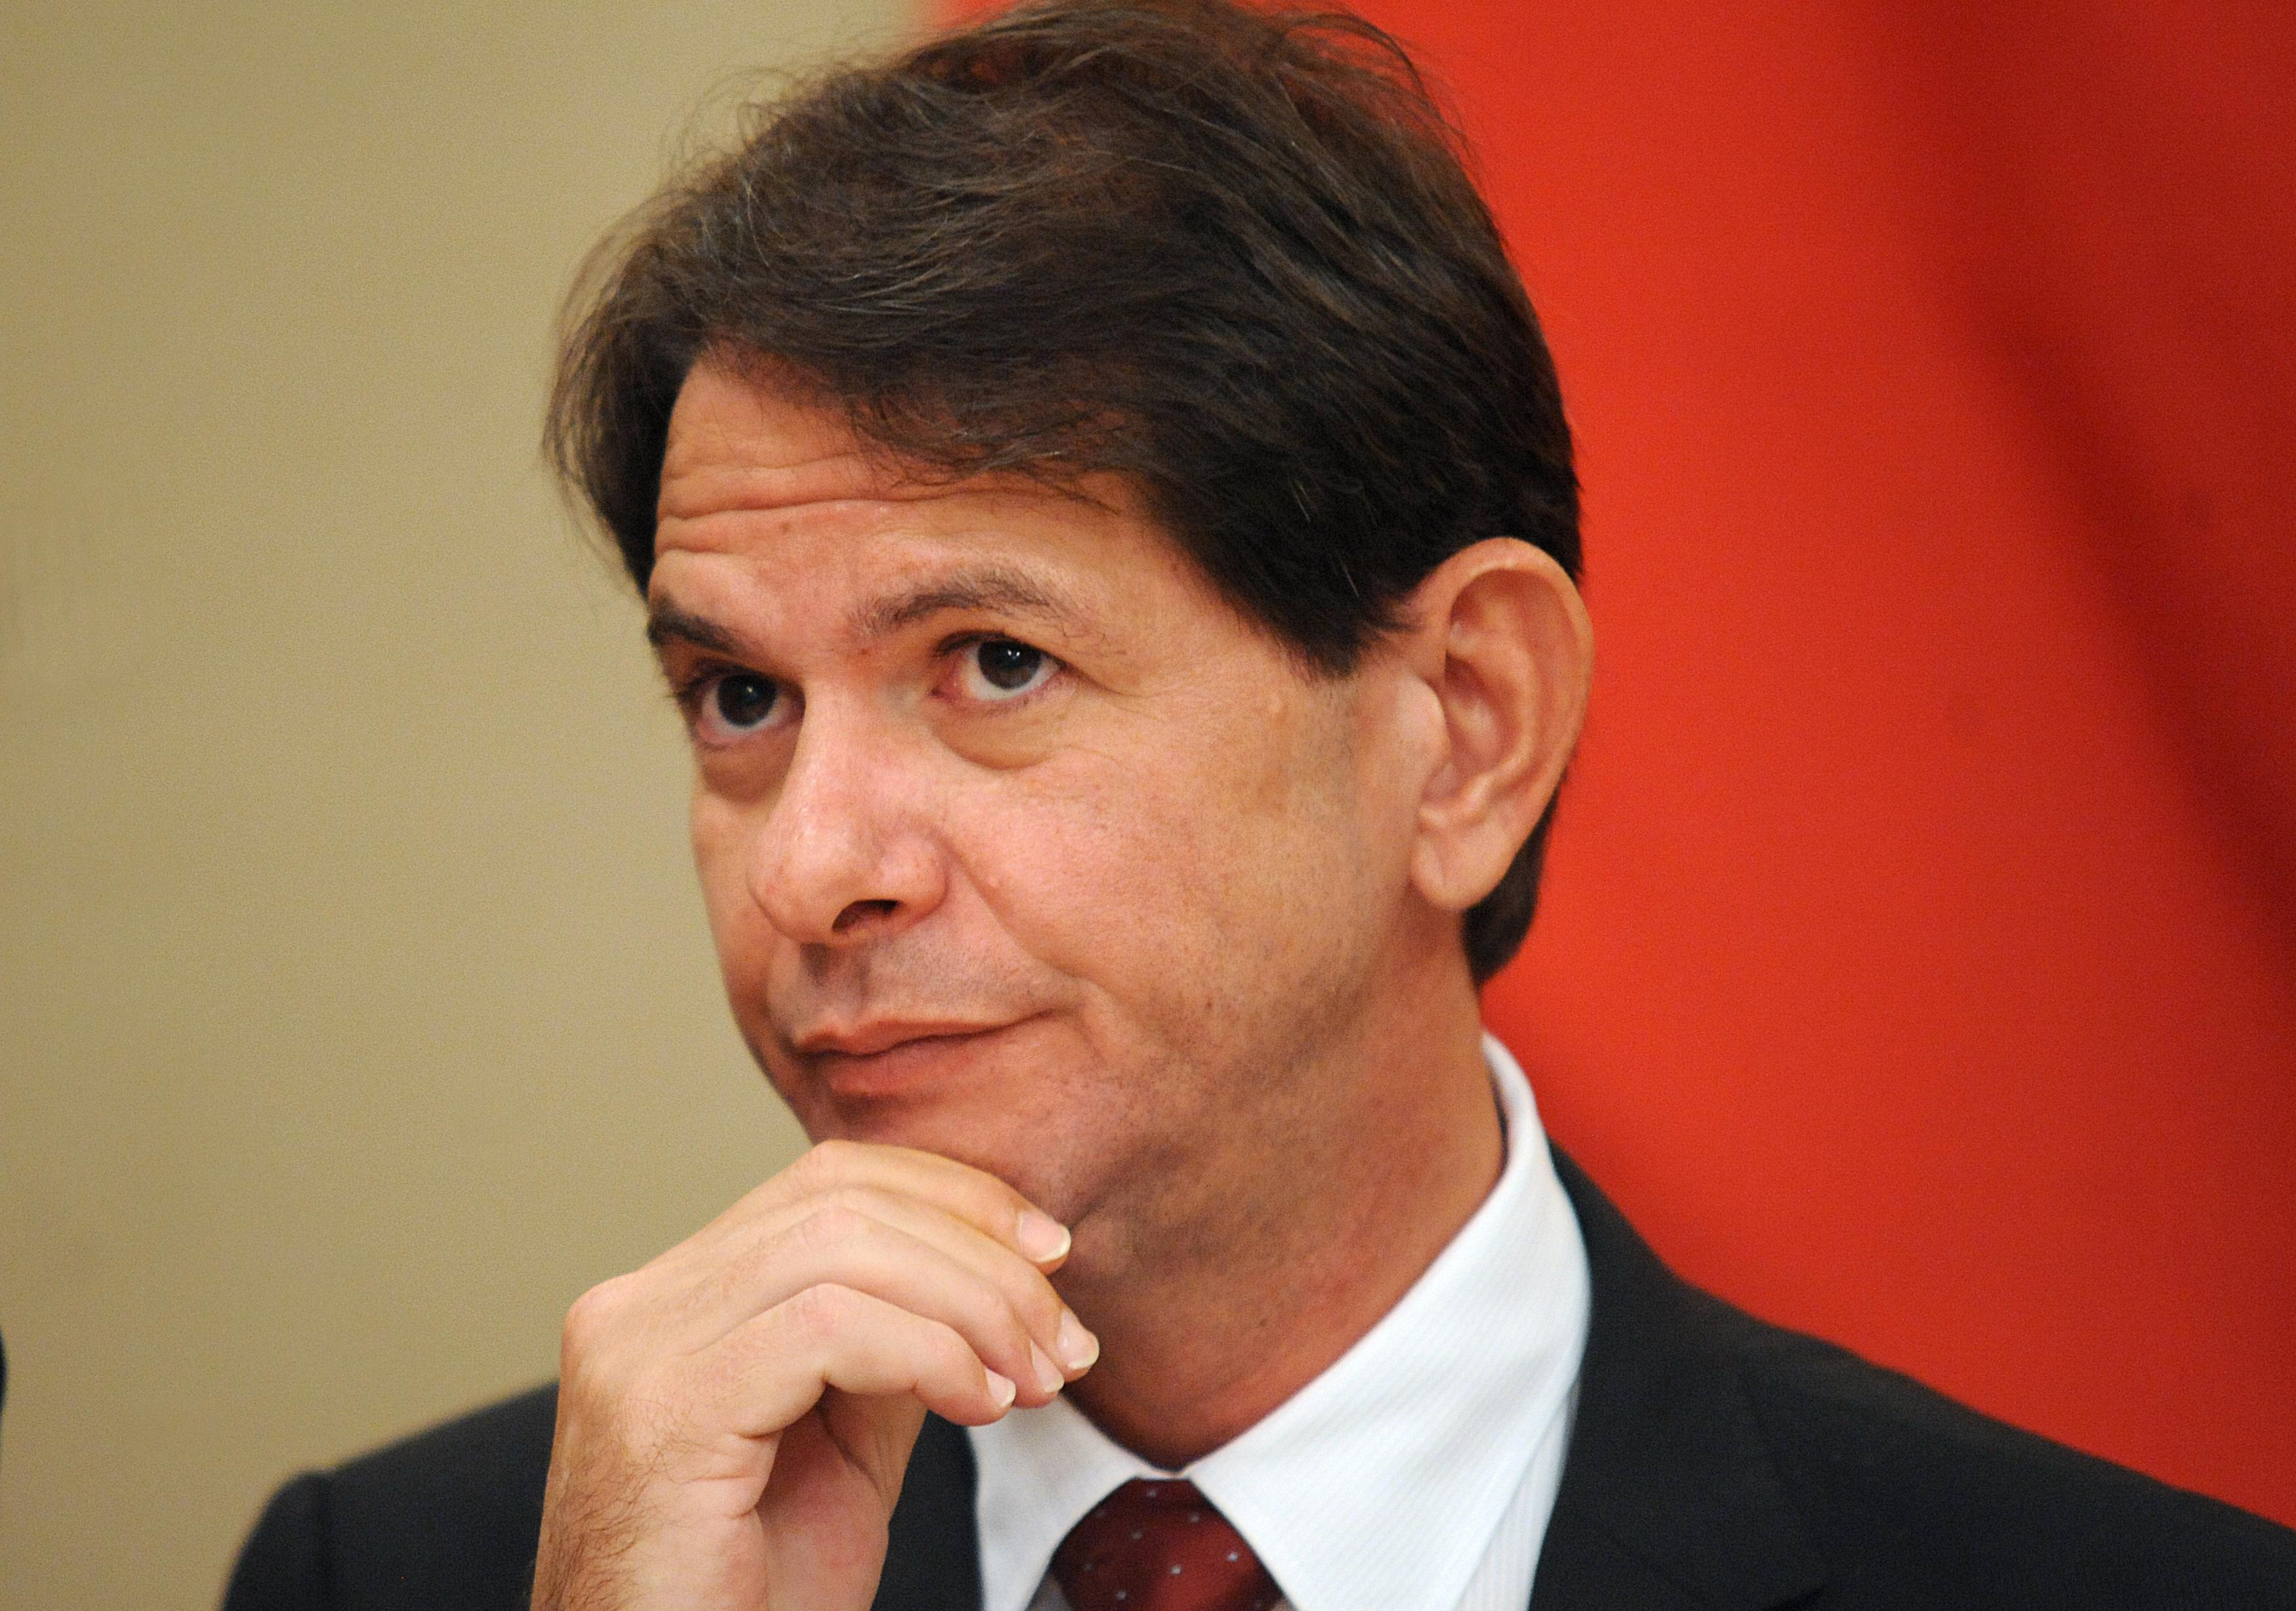 MPF recorre da decisão que absolveu Cid em empréstimo de R$ 1,3 milhão no BNB